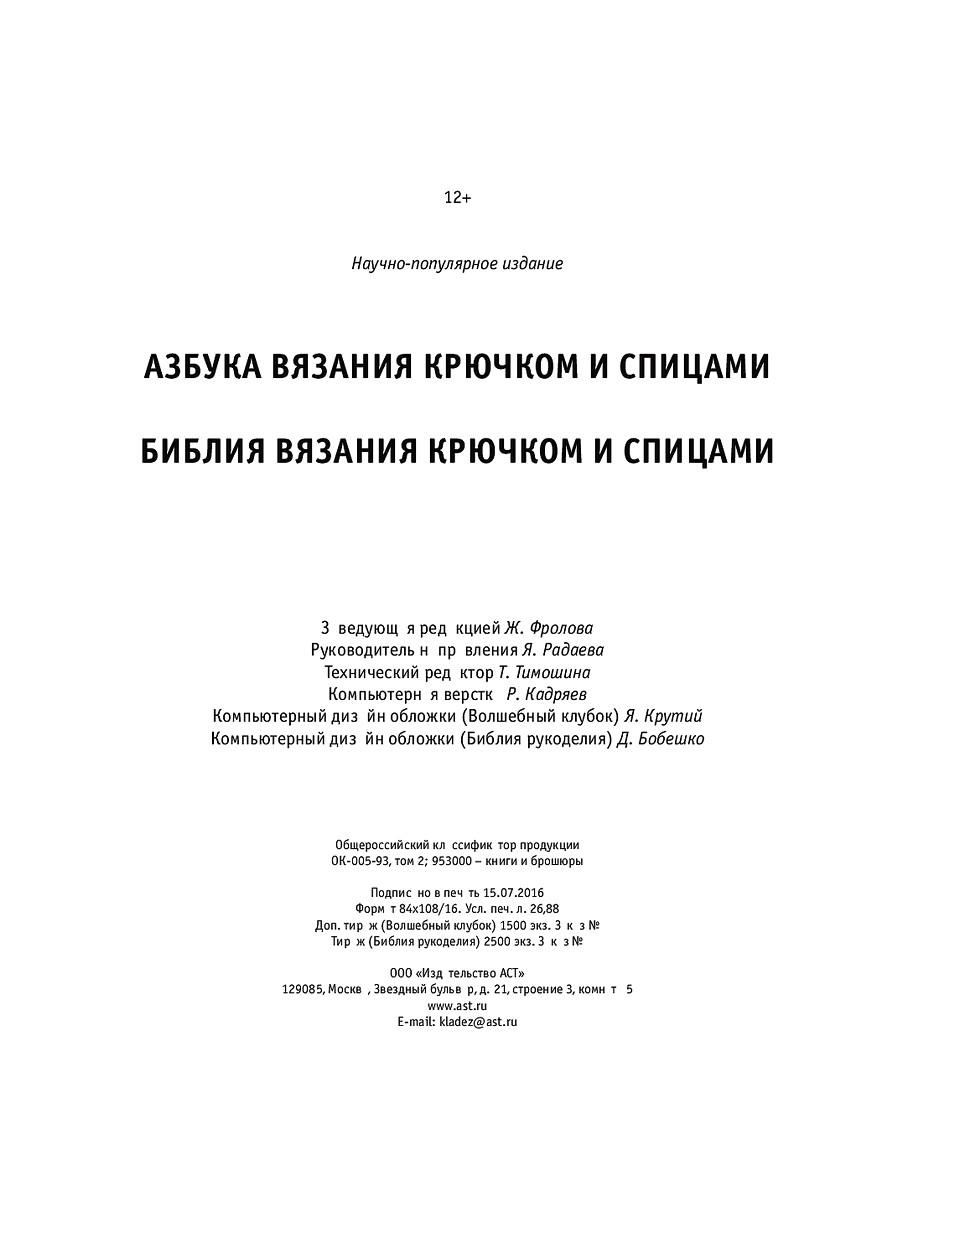 bibliya-vyazaniya-kruchkom-i-spicam-256